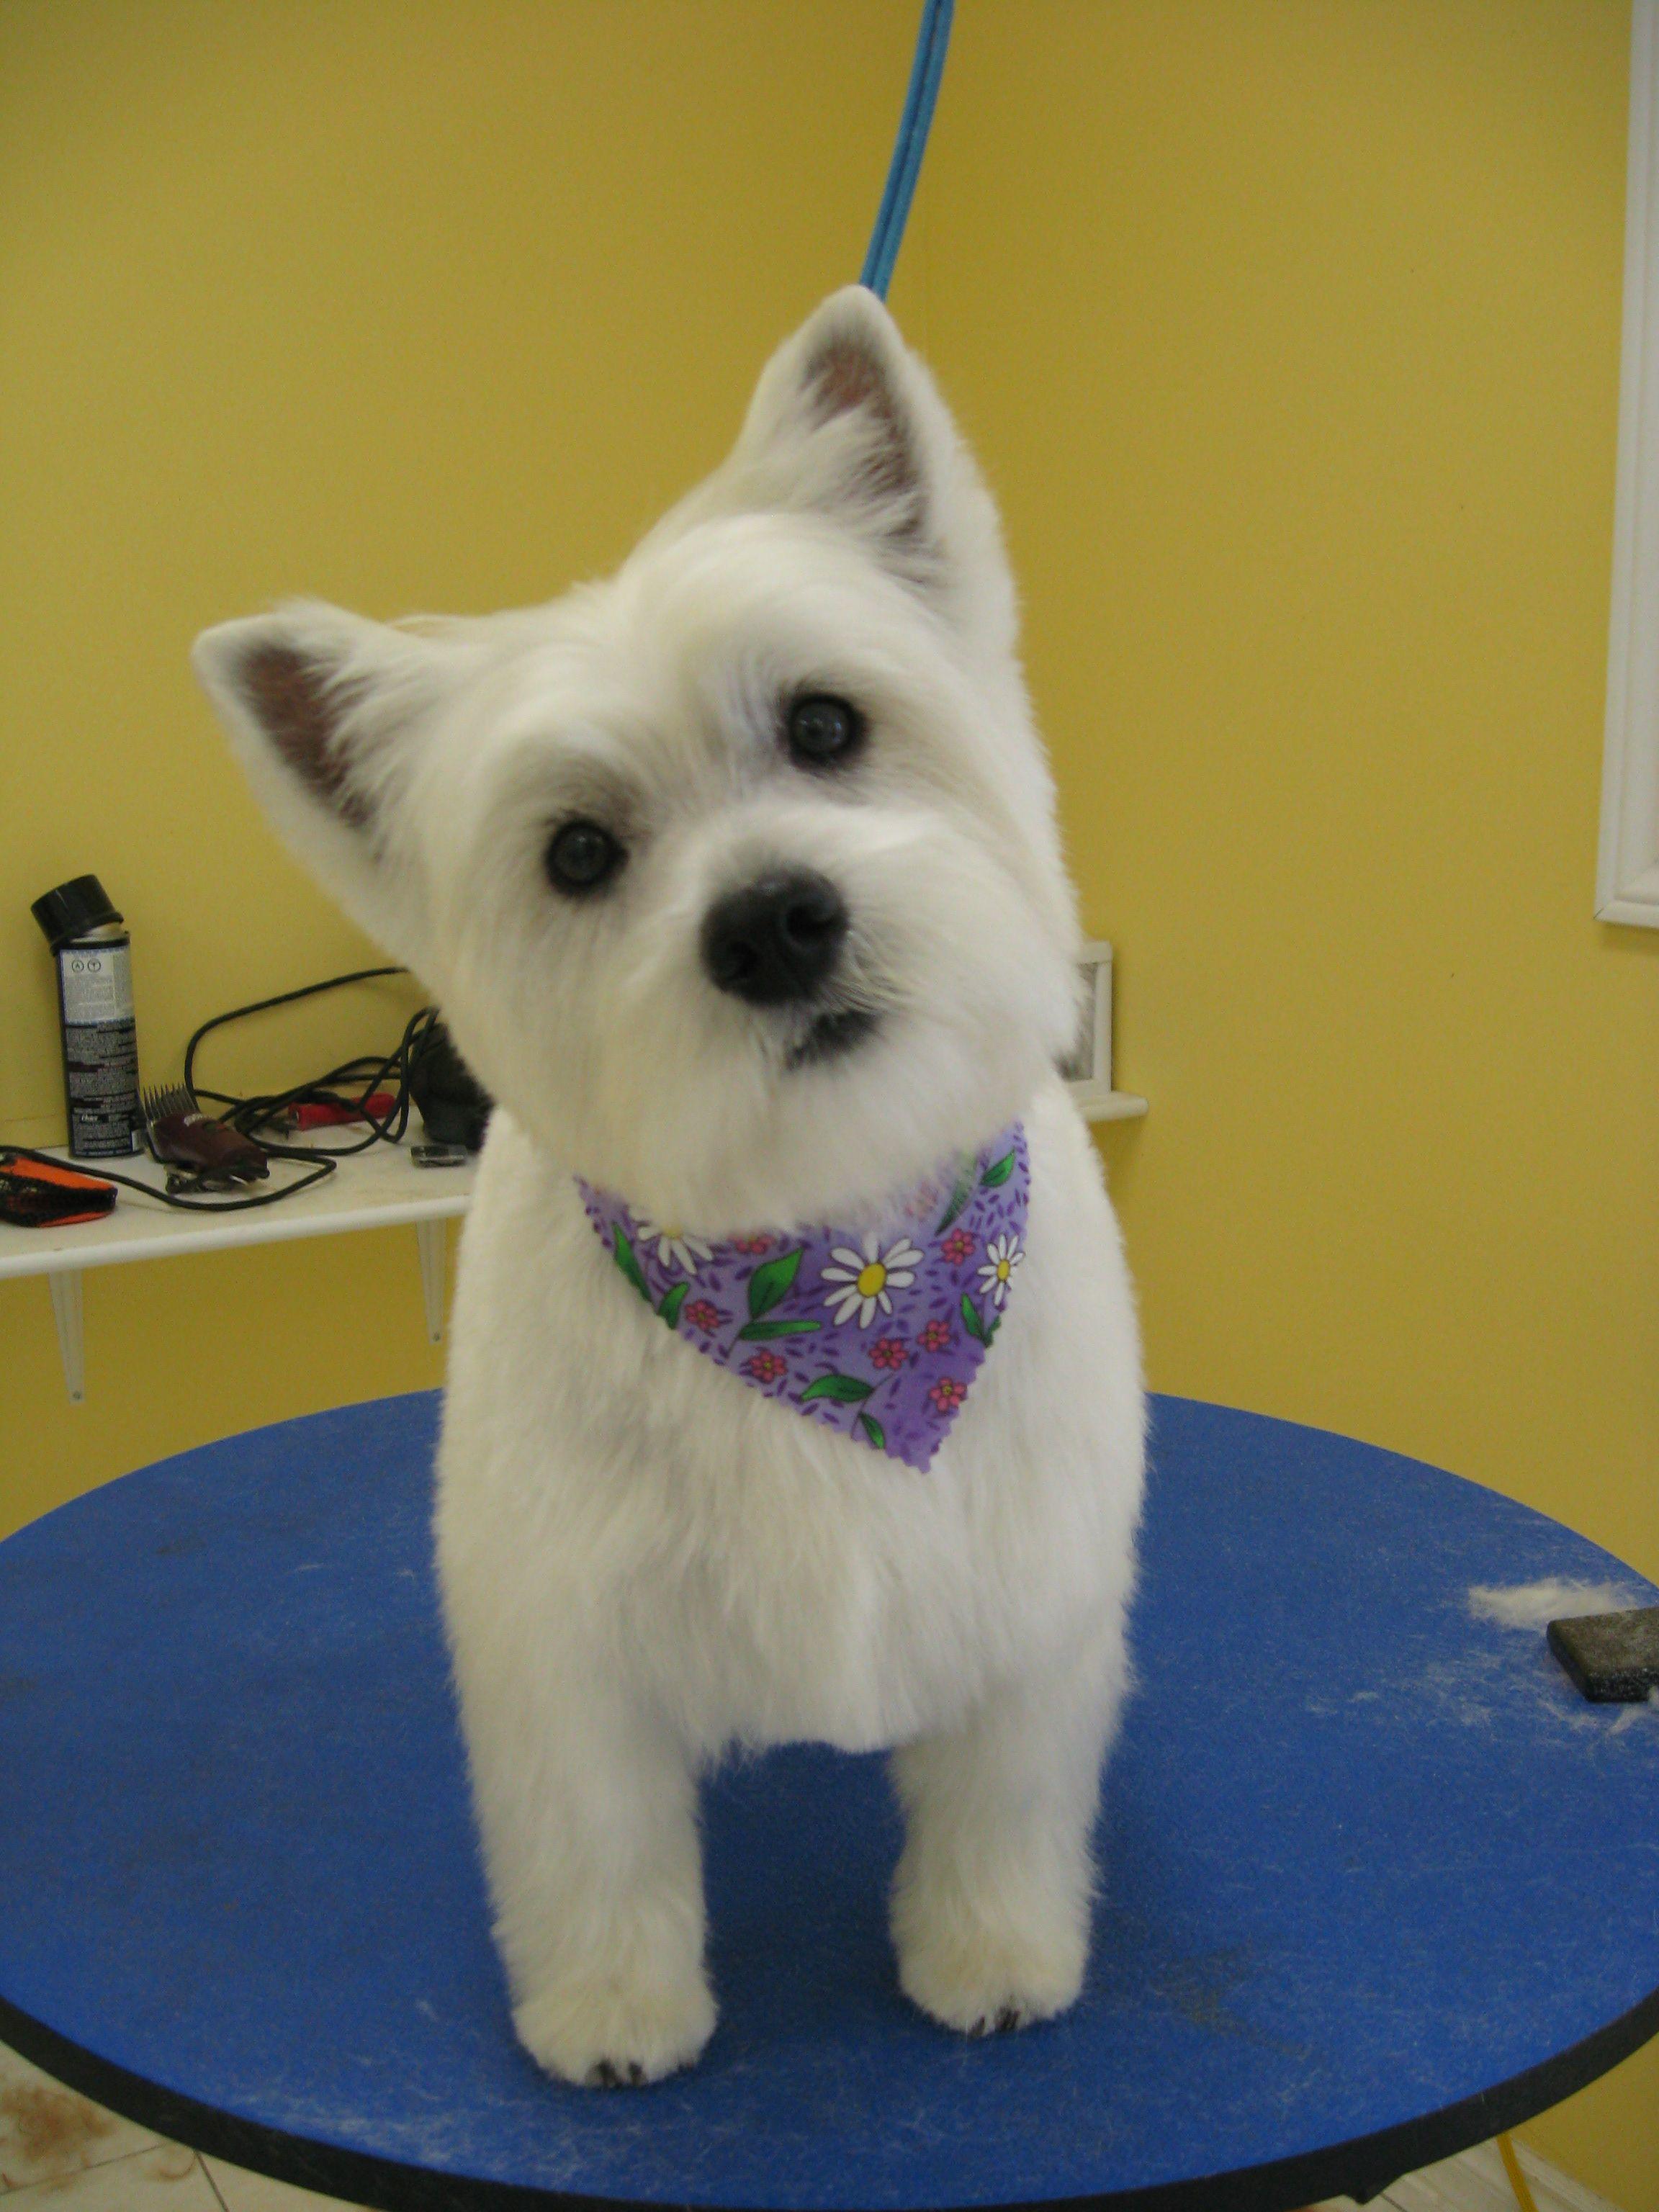 Pawsh Pet Grooming Located In Ajax 41 Harwood Ave S Unit D Www Lauramcbride Ca Pet Grooming Grooming